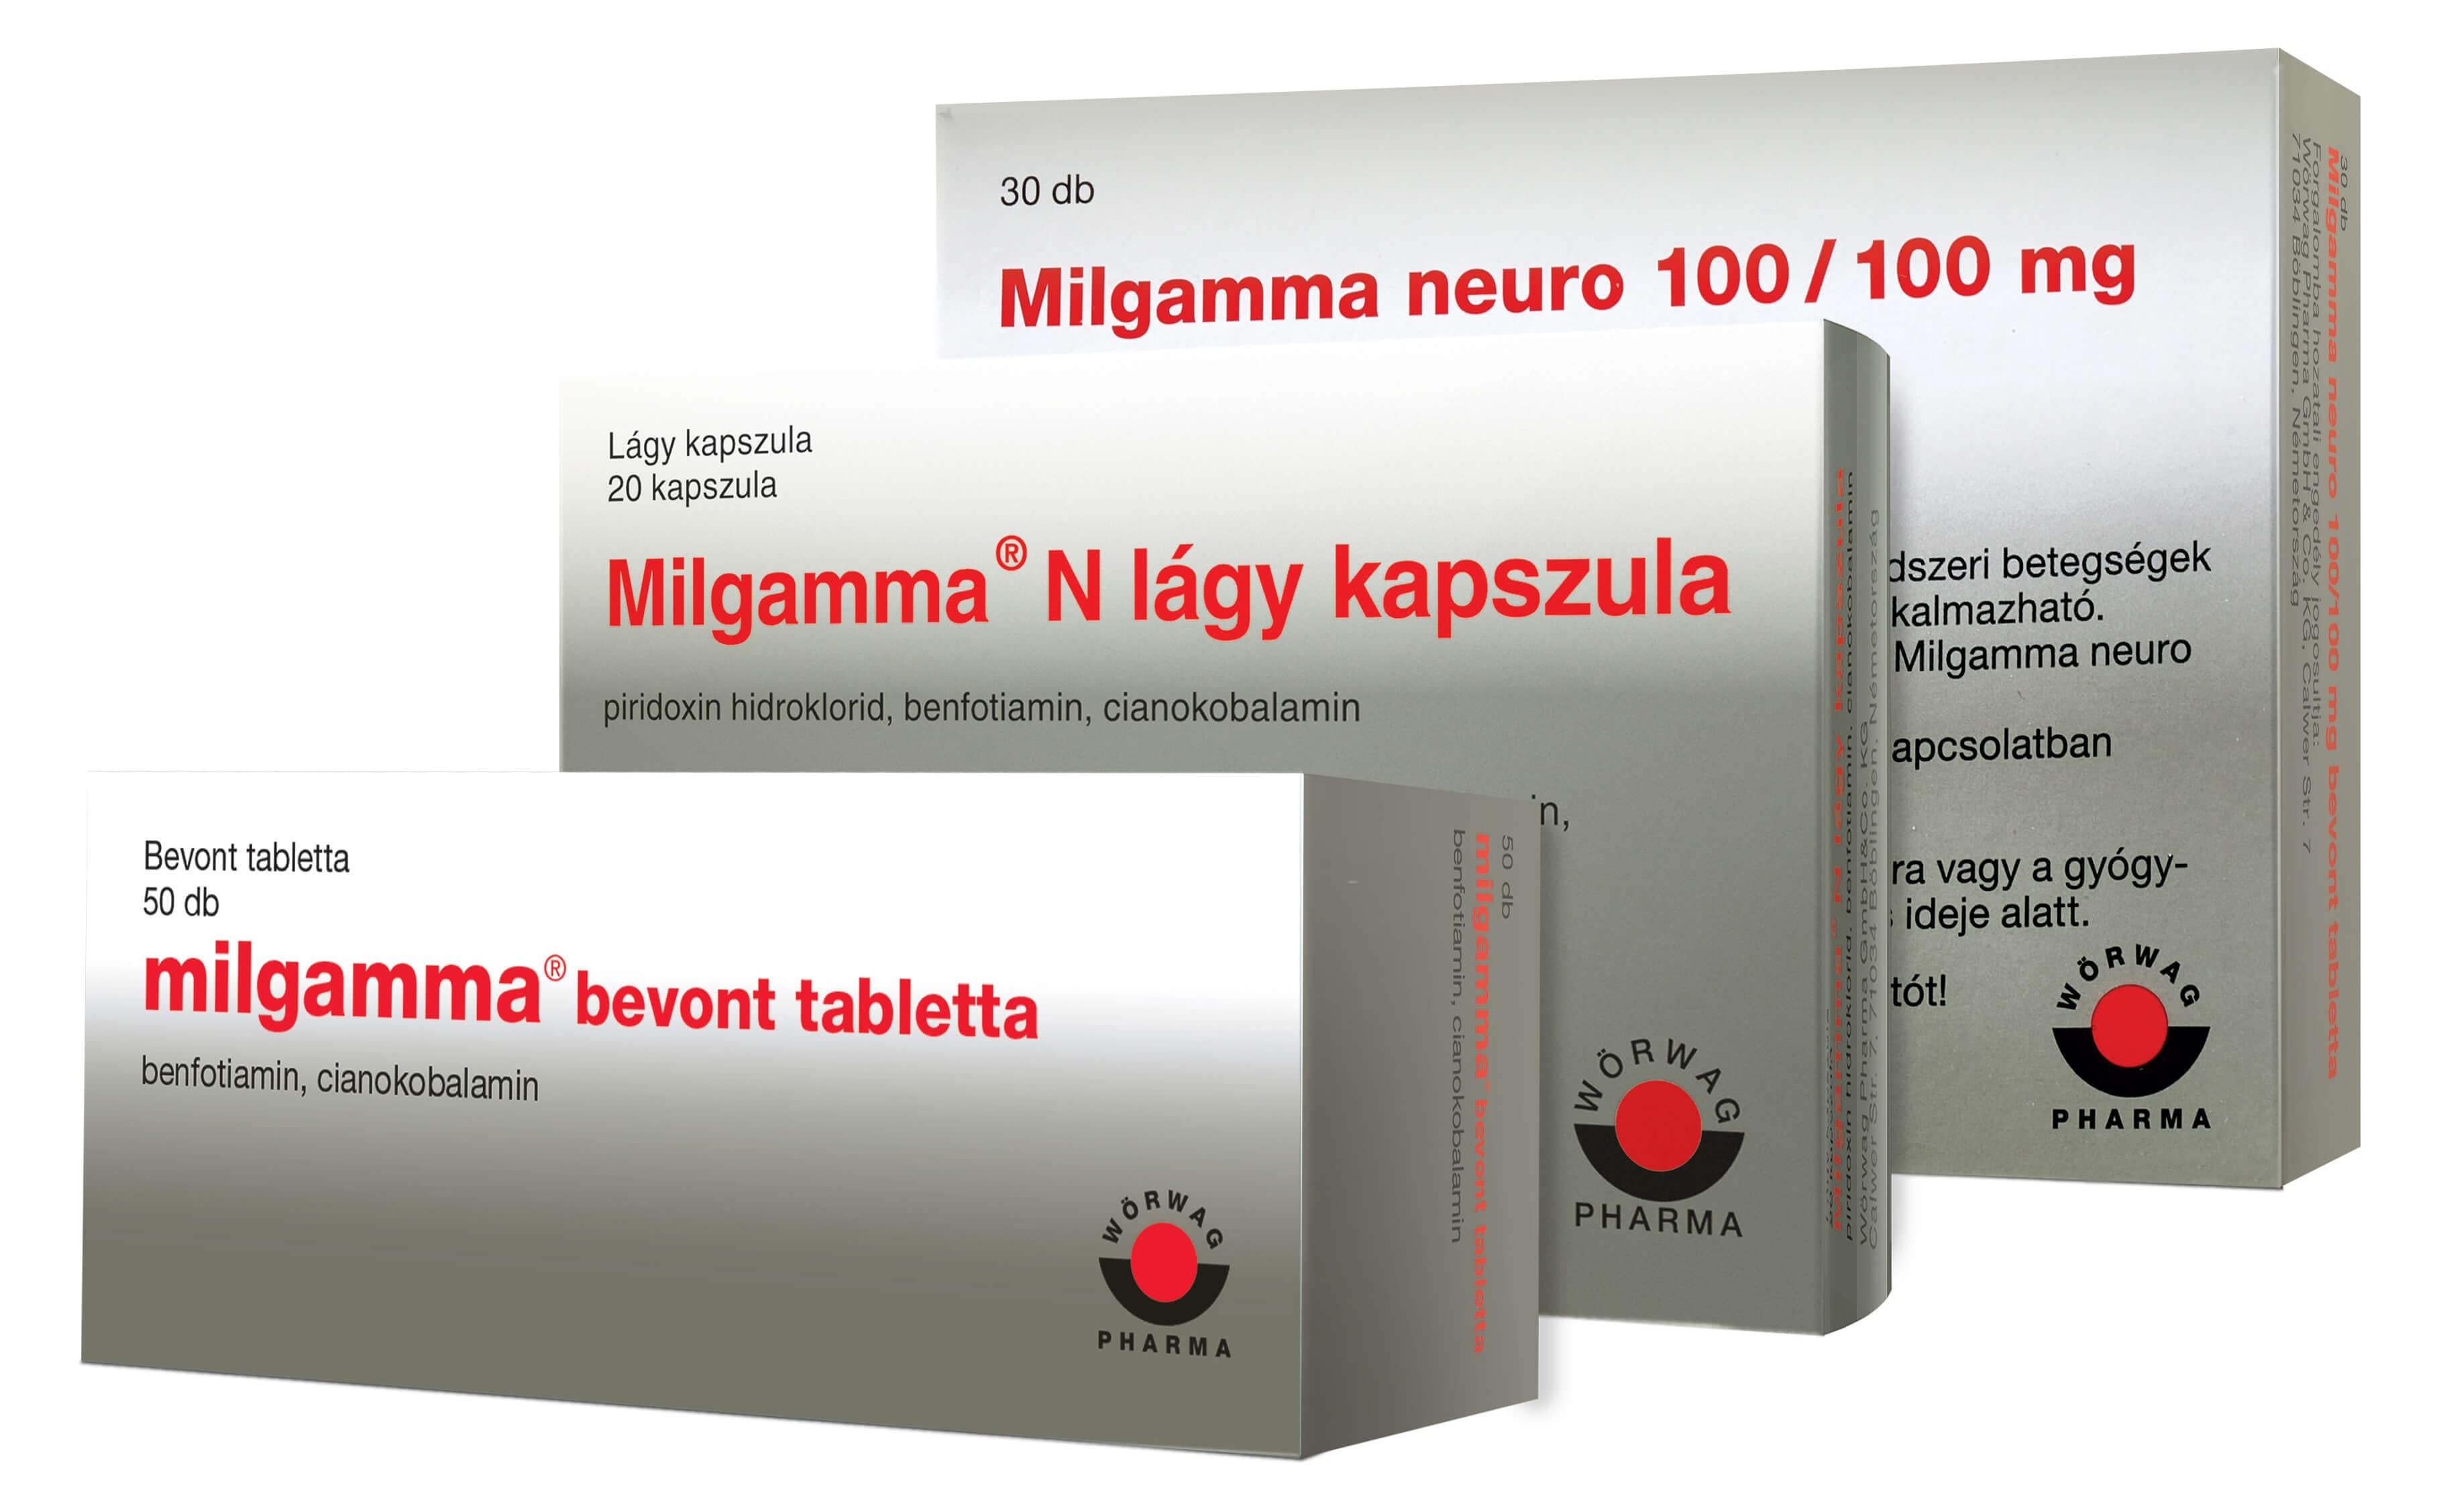 milgamma és magas vérnyomás)